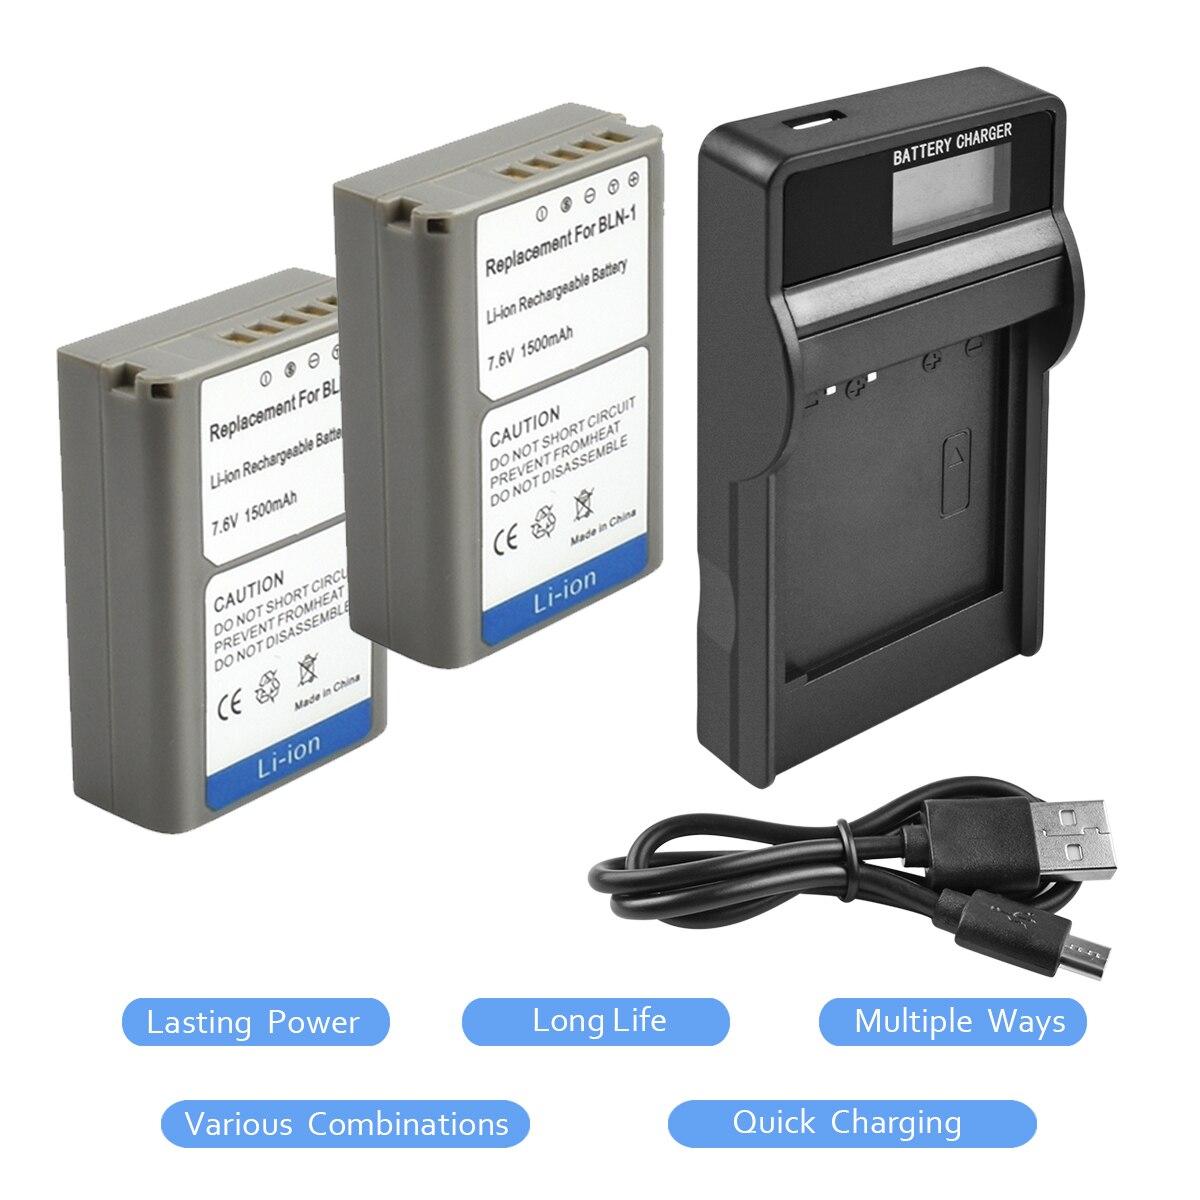 2pcs1500MAH BLN-1 BLN1 PS-BLN1 Batterie + LCD Unique Chargeur Chargeur pour Olympus E-M5 OM-D E-M1 E-P5 Caméra L15